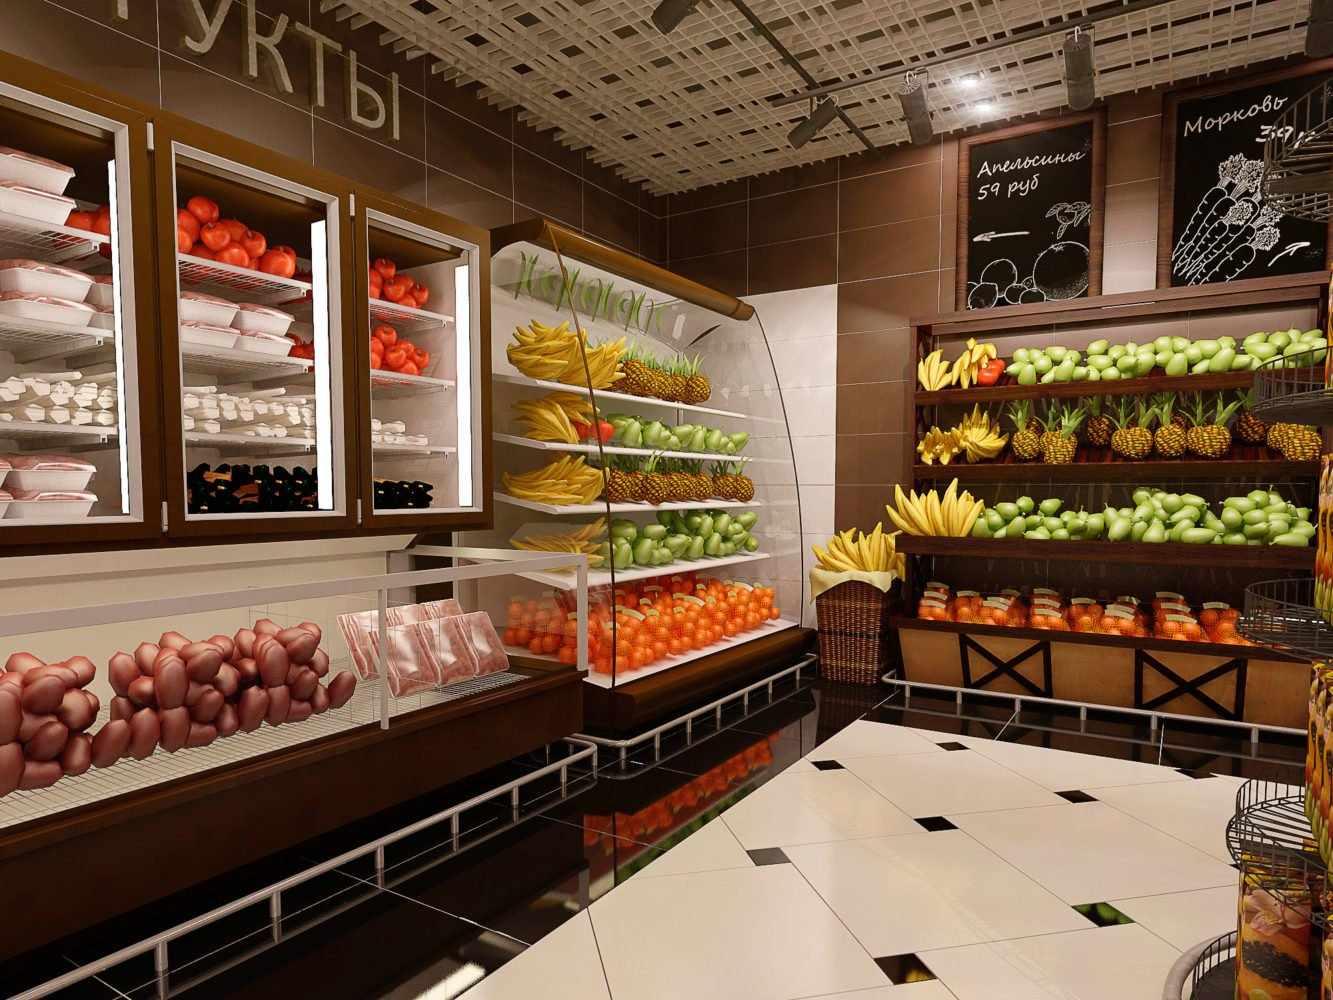 Плитка на стенах и полу продуктового магазина